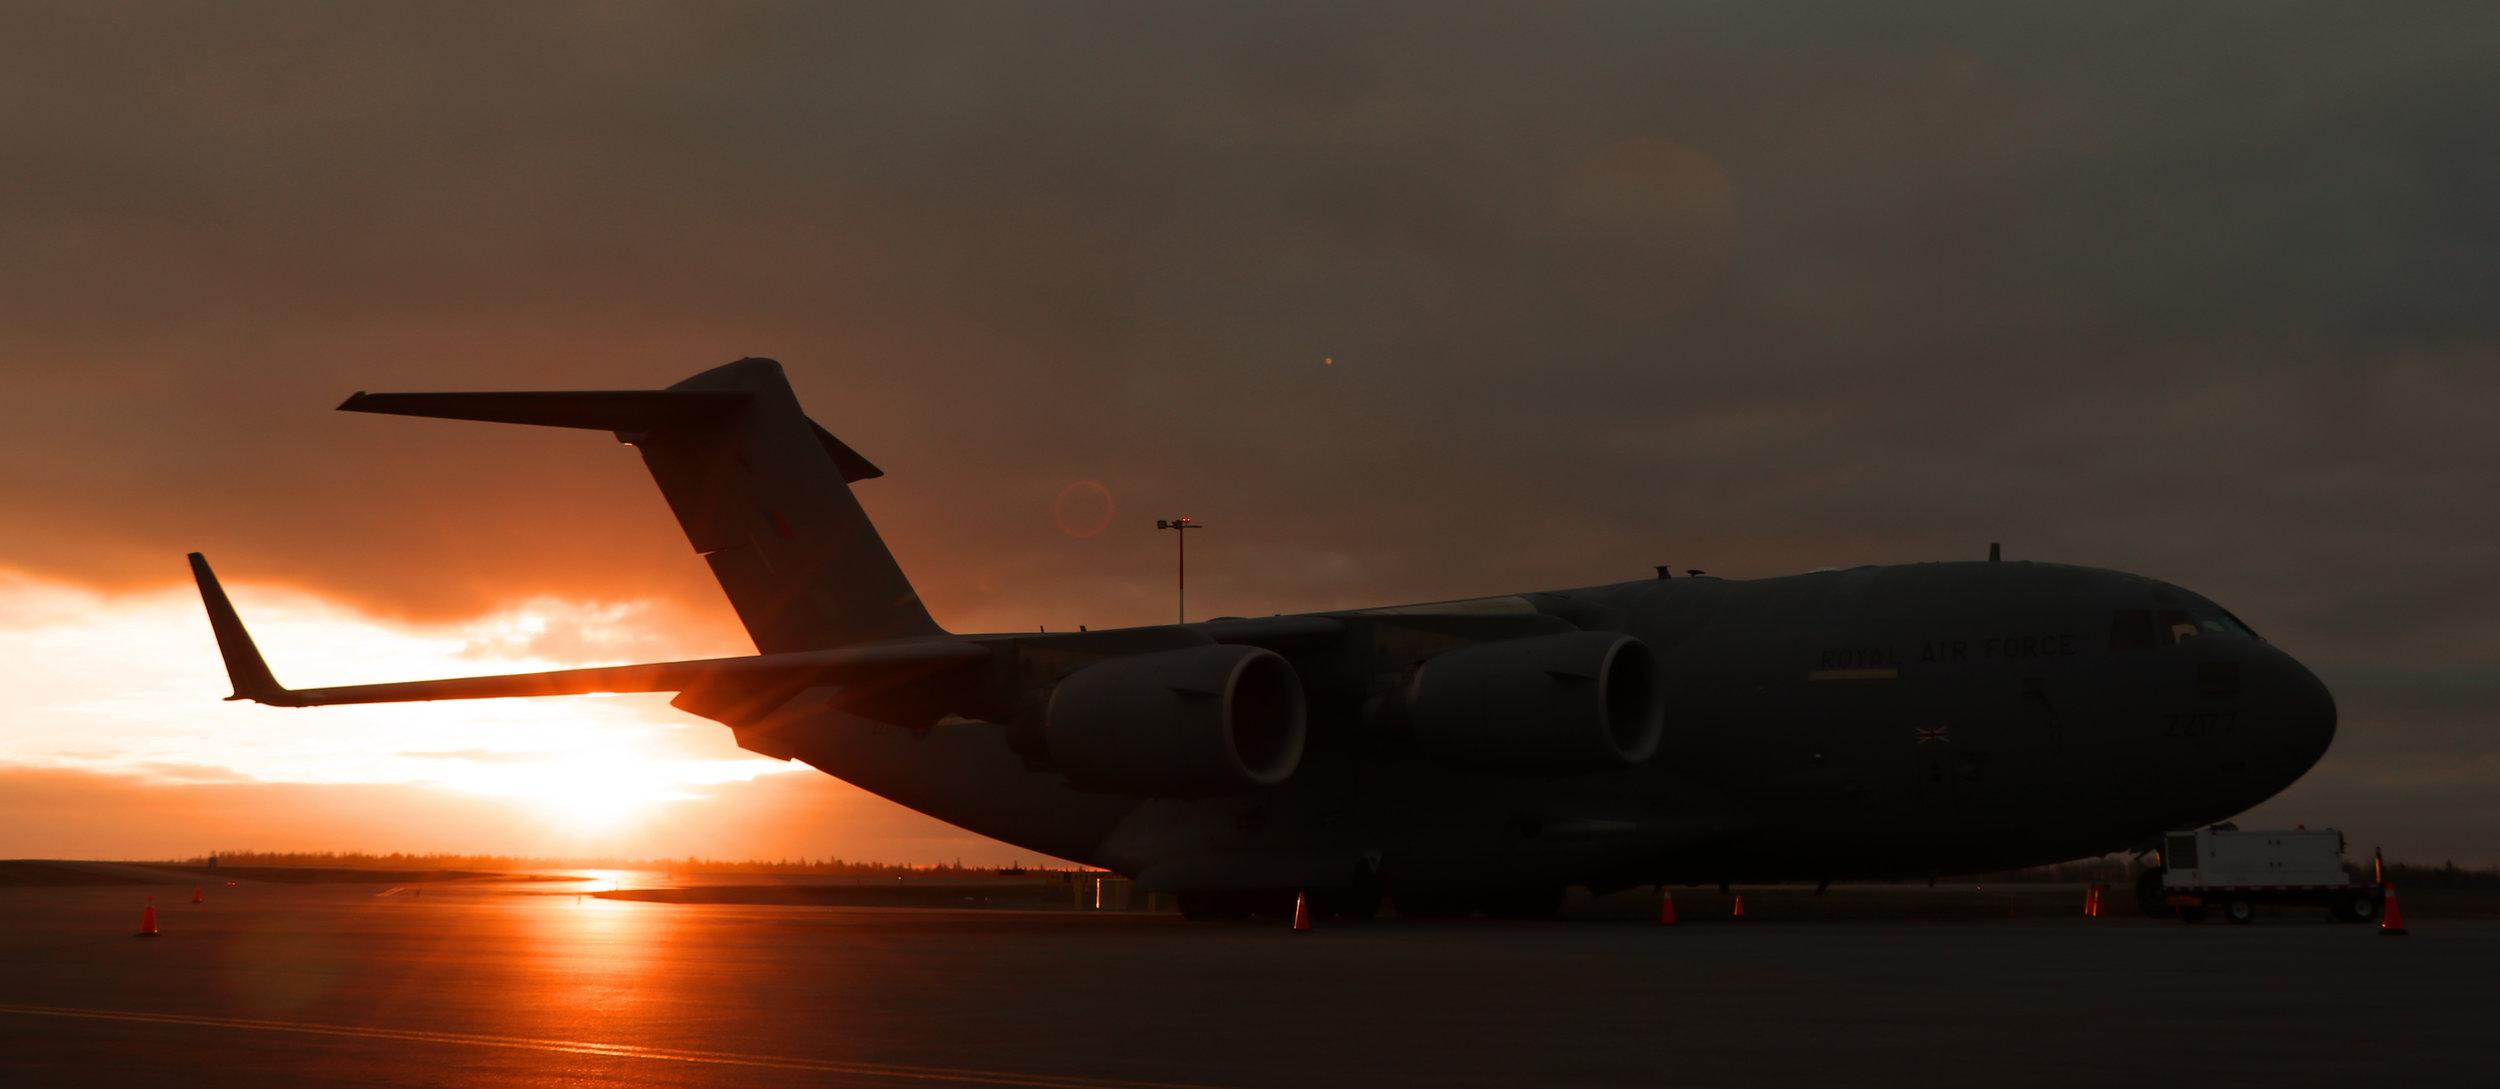 C17 at sunrise